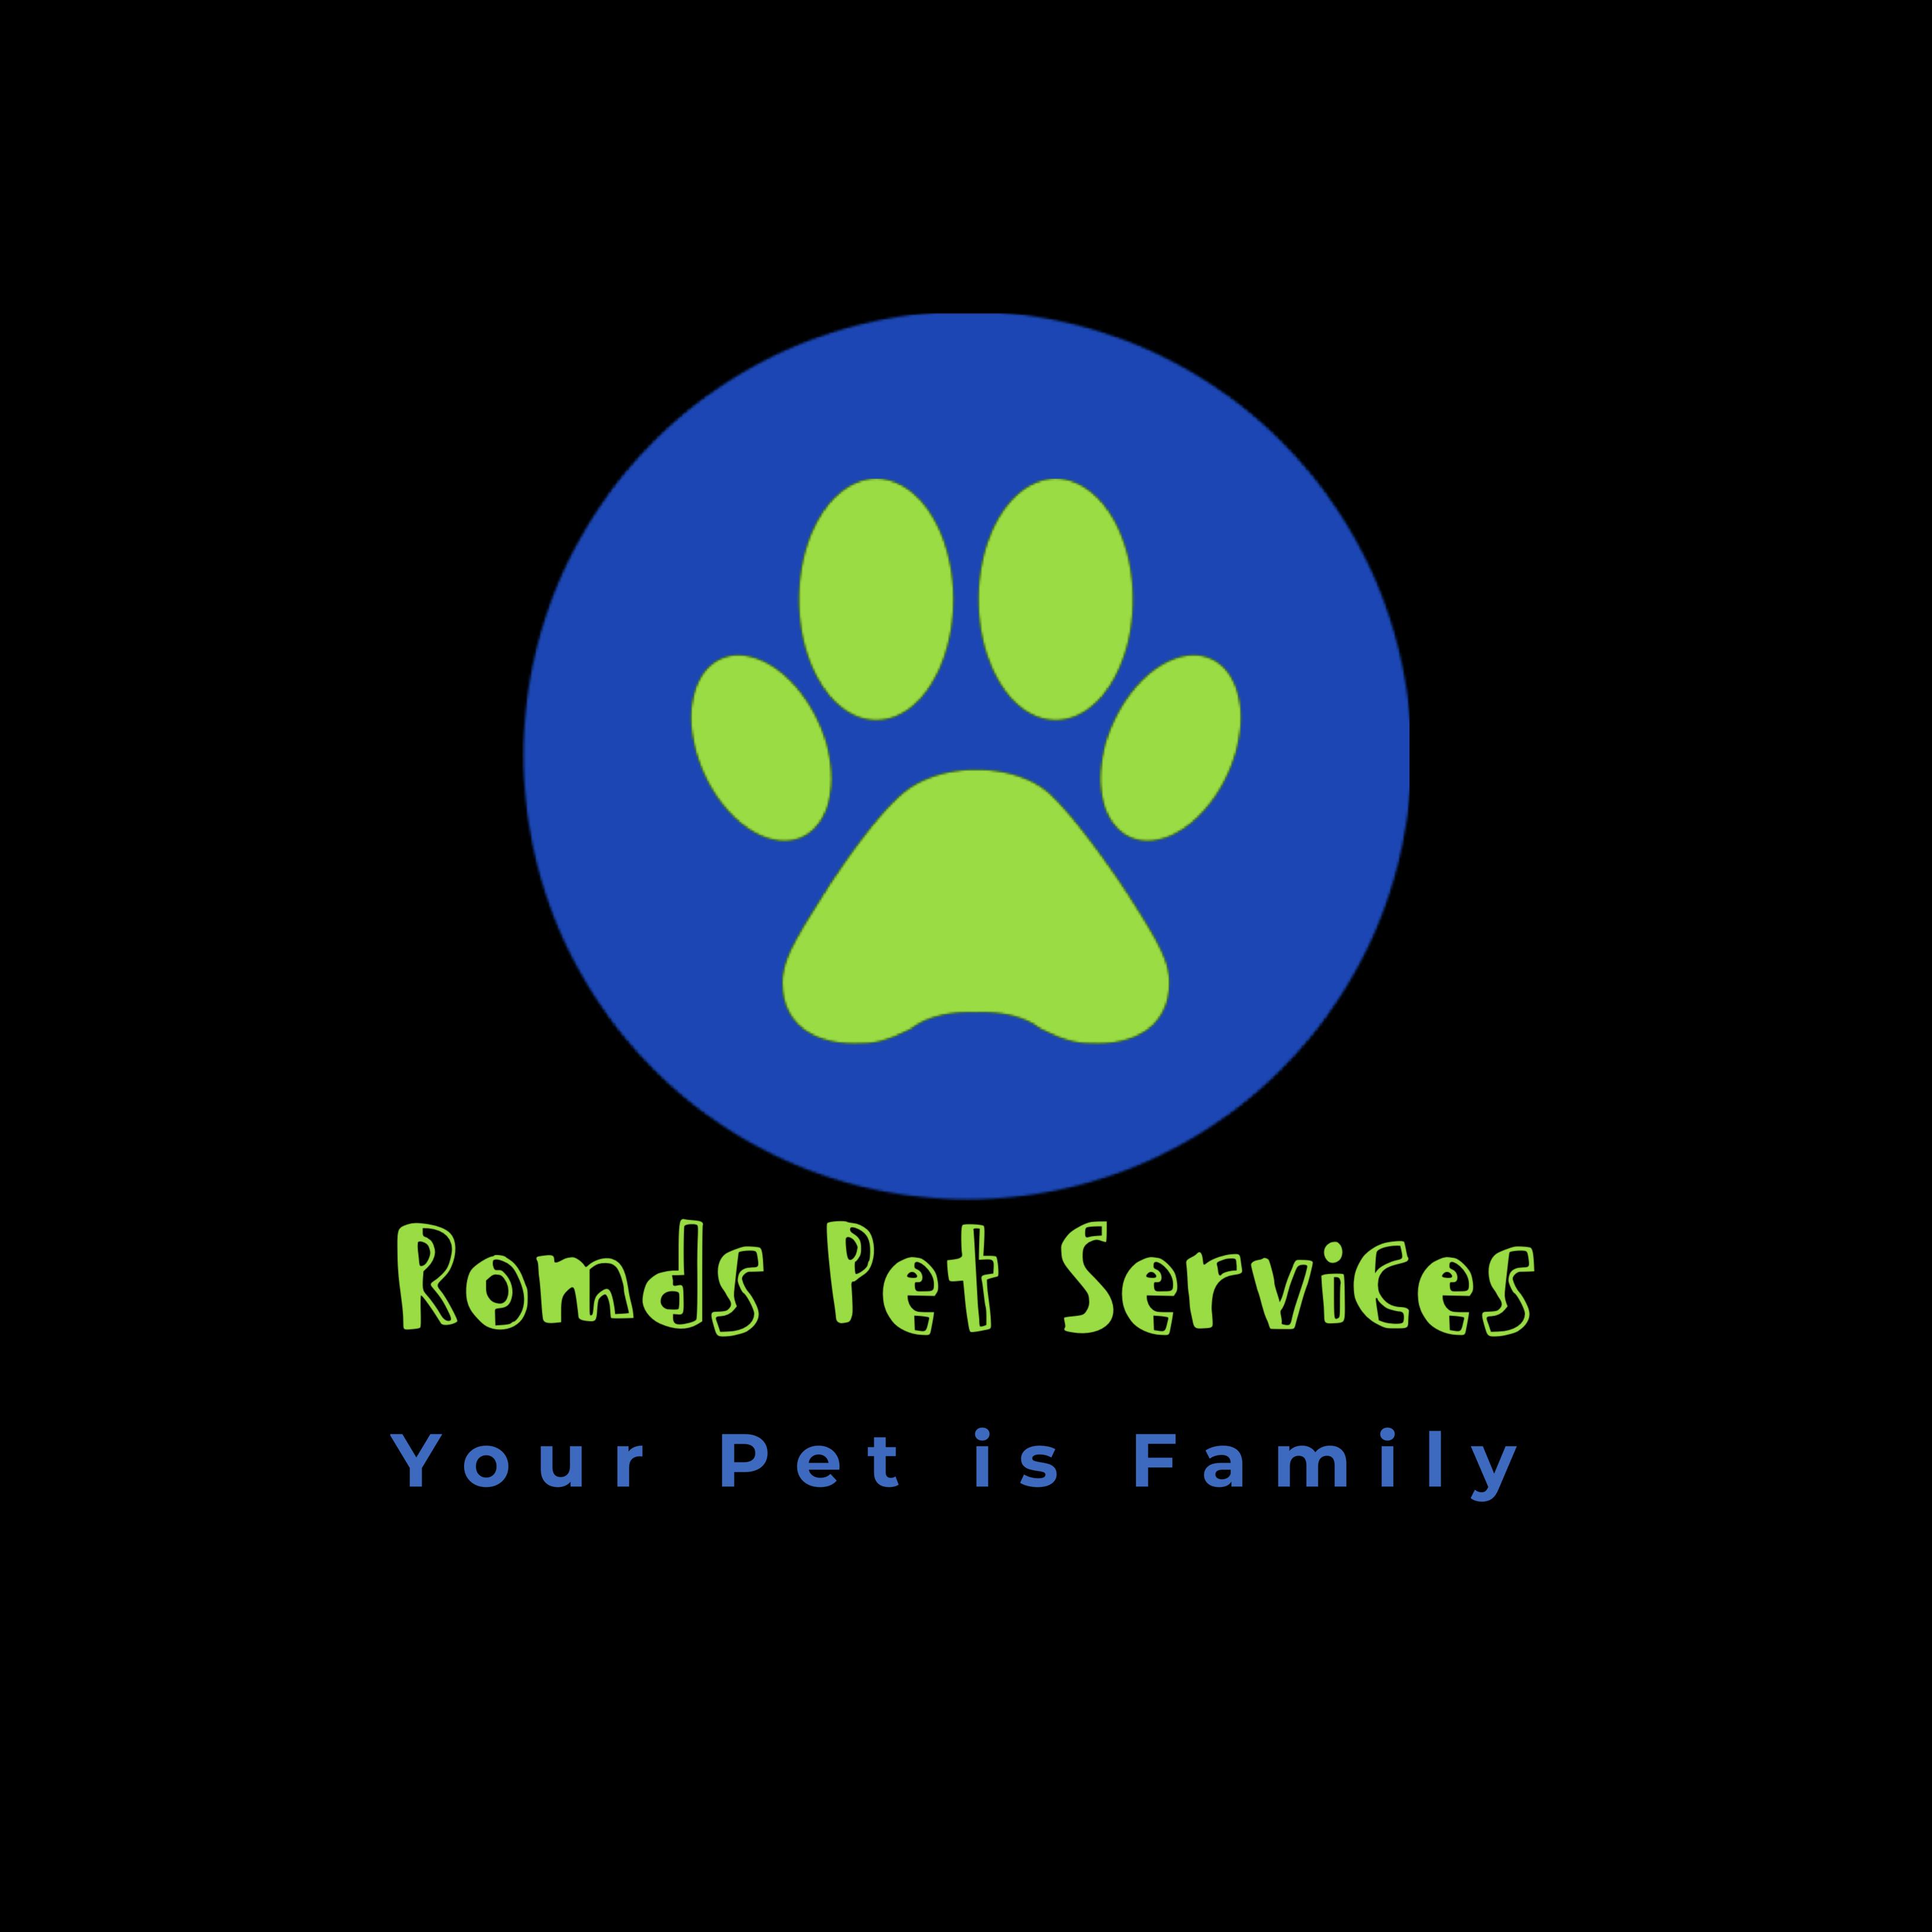 Romds Pet Services